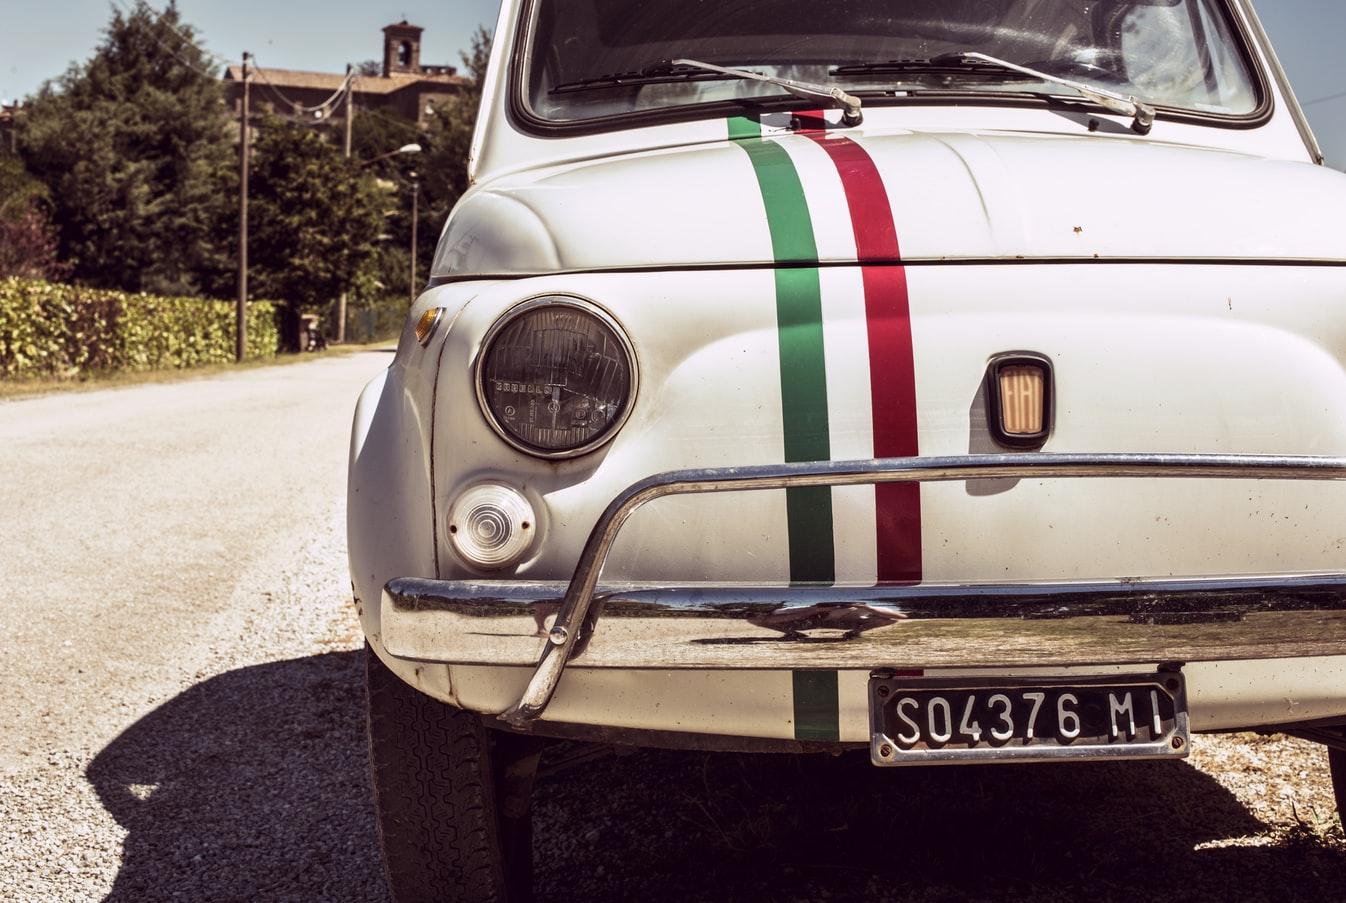 Born in Italy: la proposta di Centinaio per superare la divisione ideologica sull'origine della materia prima